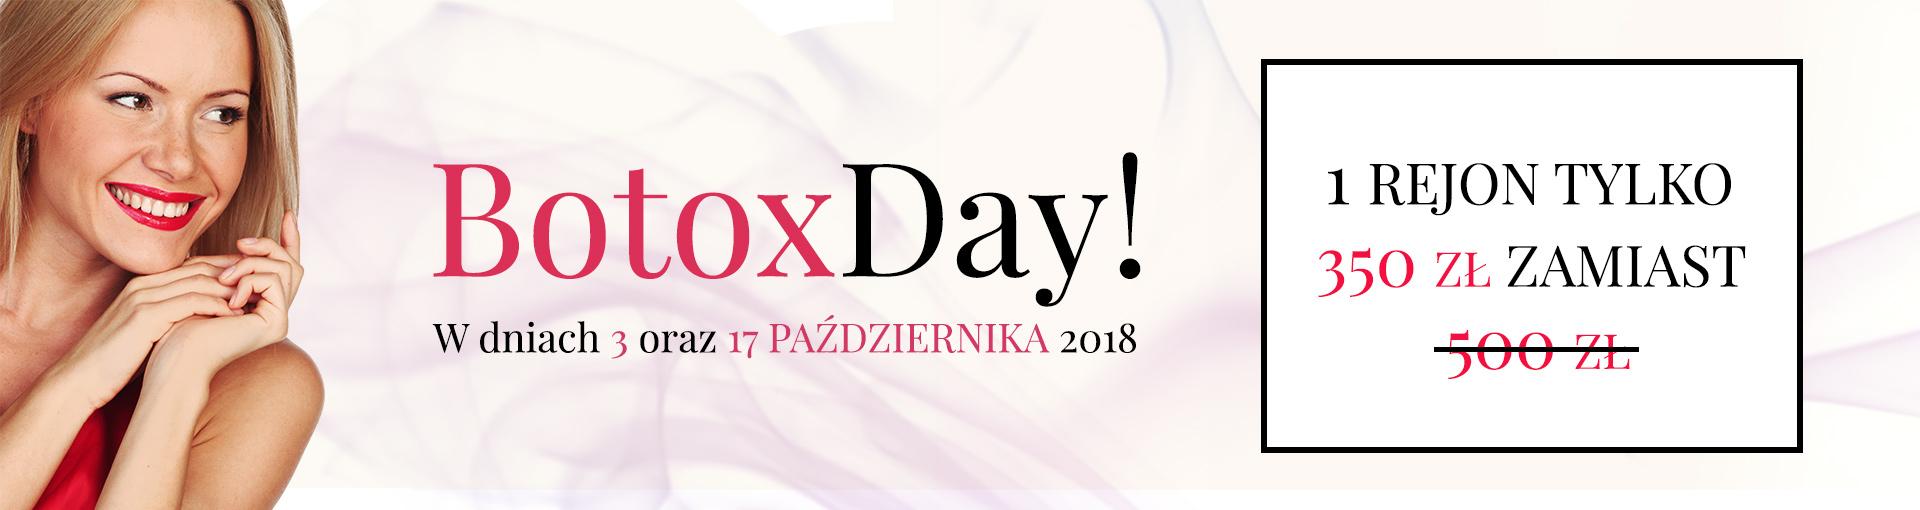 BotoxDay w korzystnej cenie! Październik 2018!